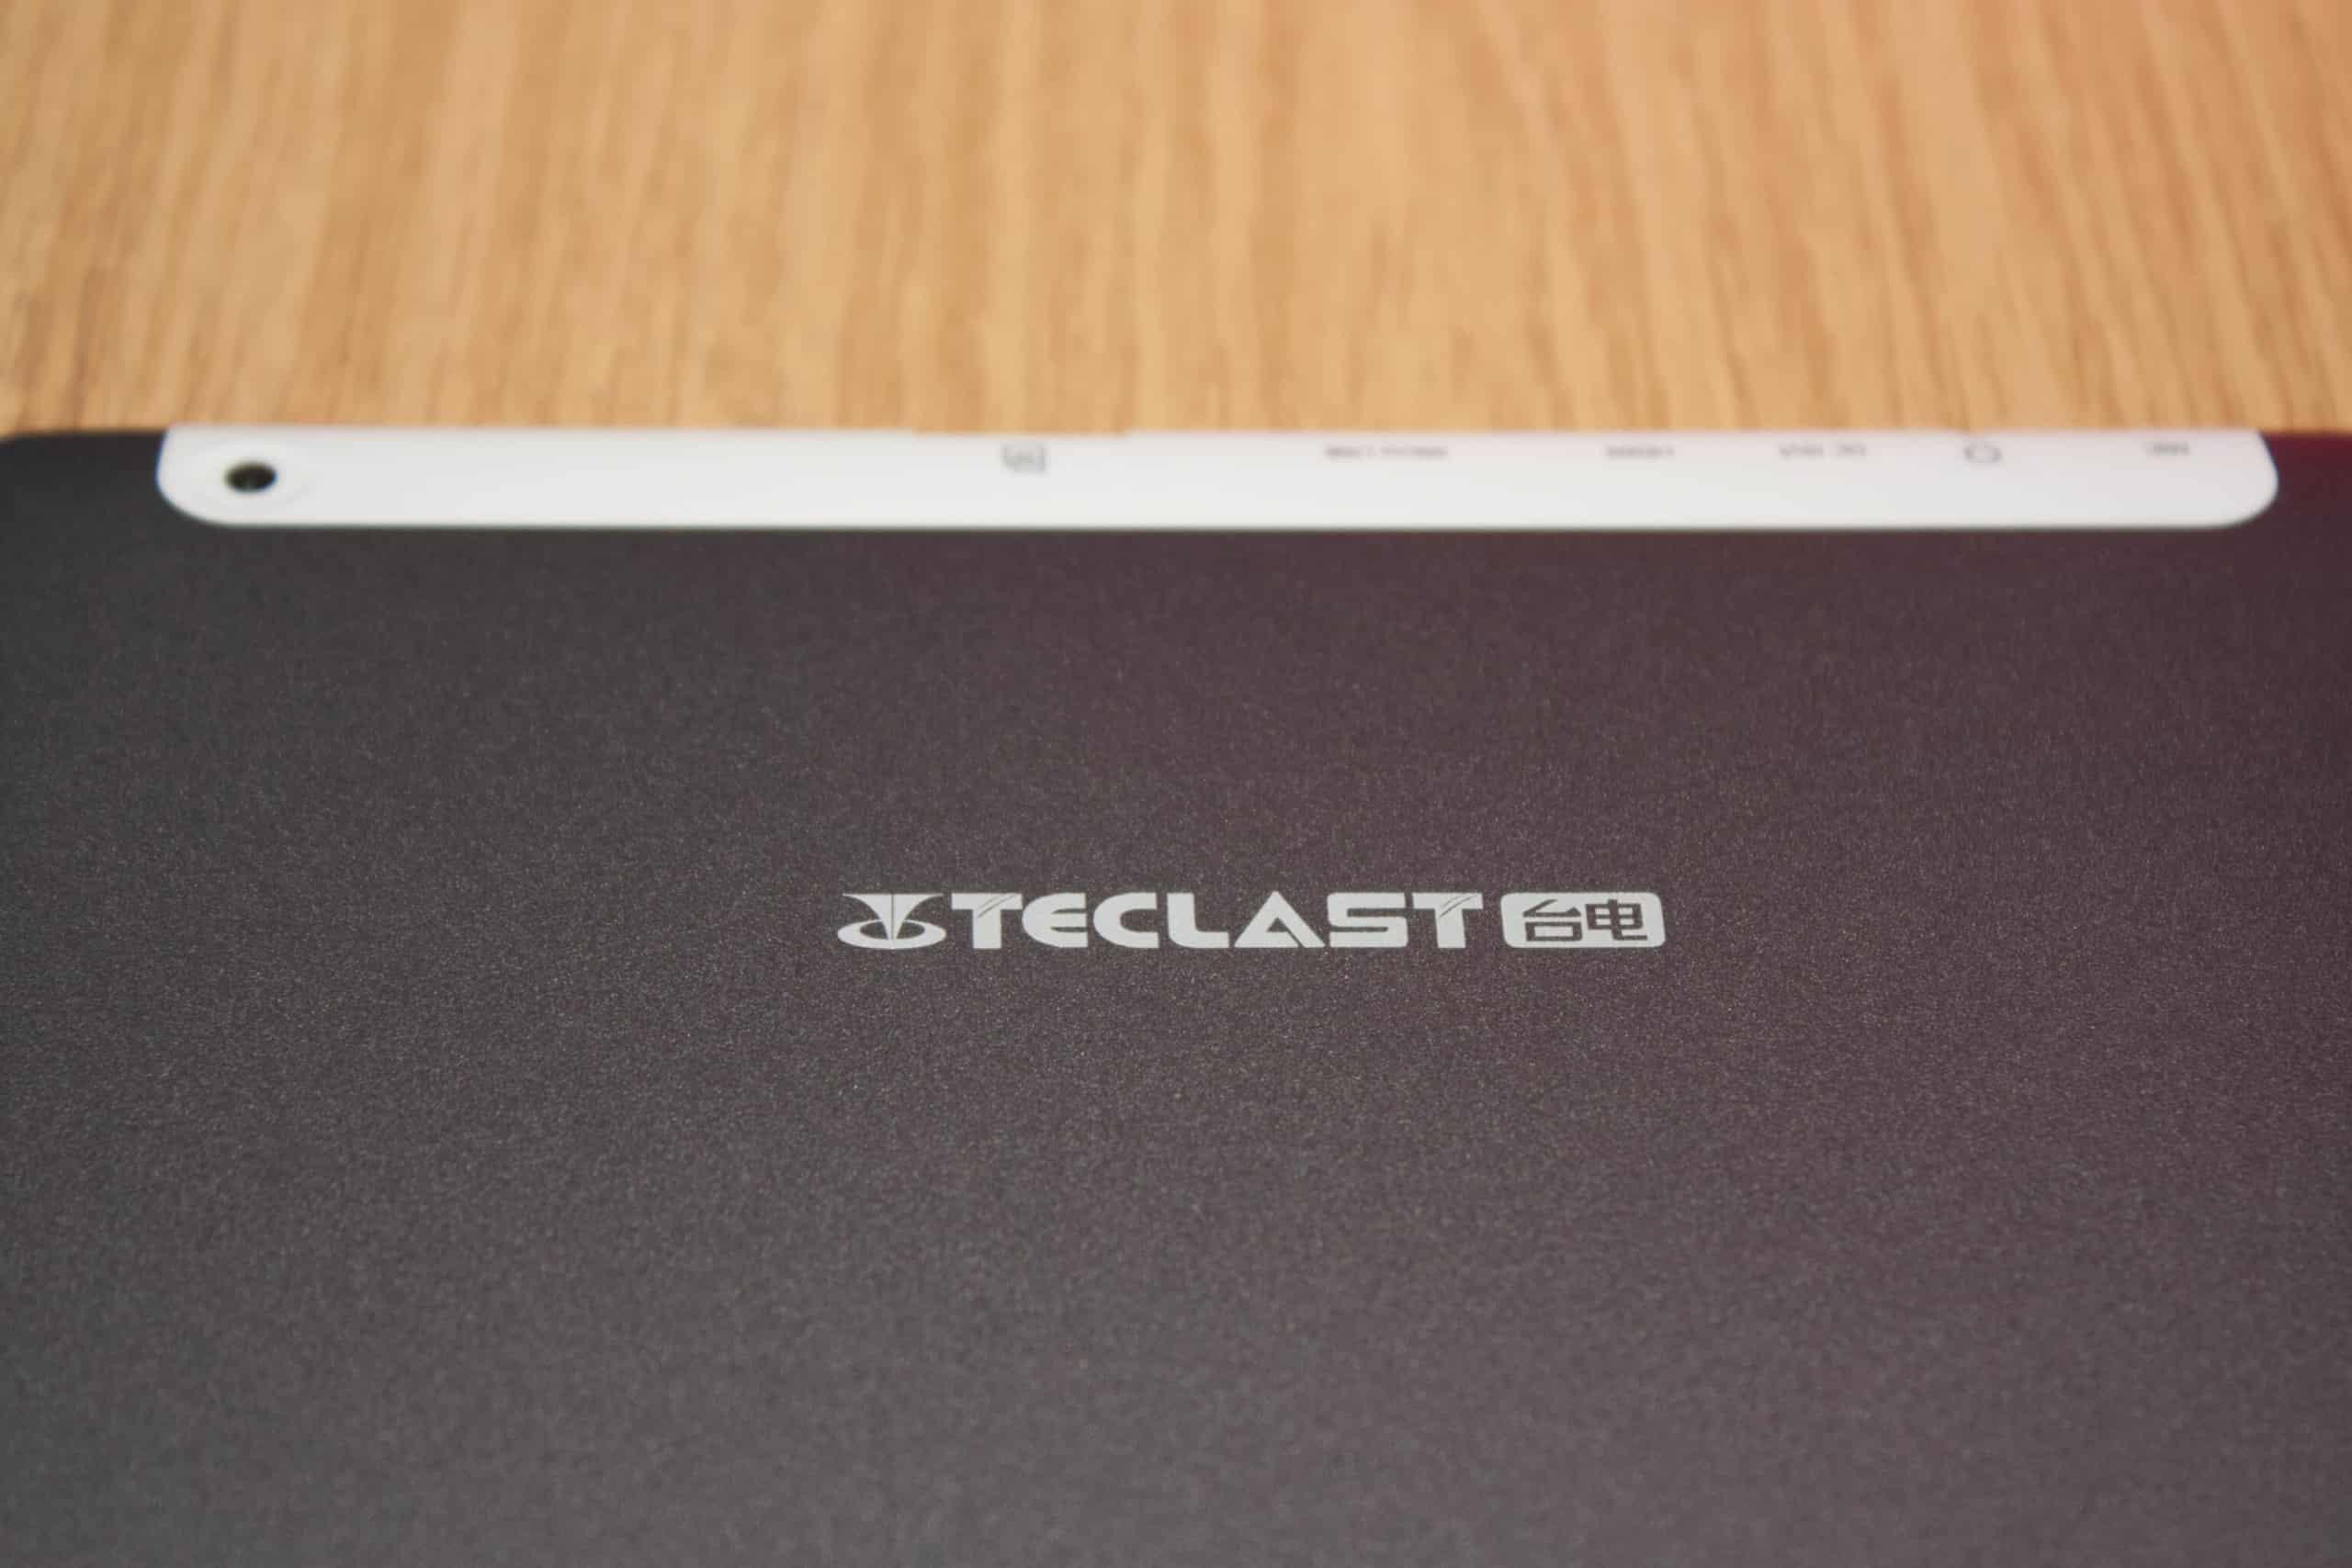 Teclast_Rückseite-Aufdruck